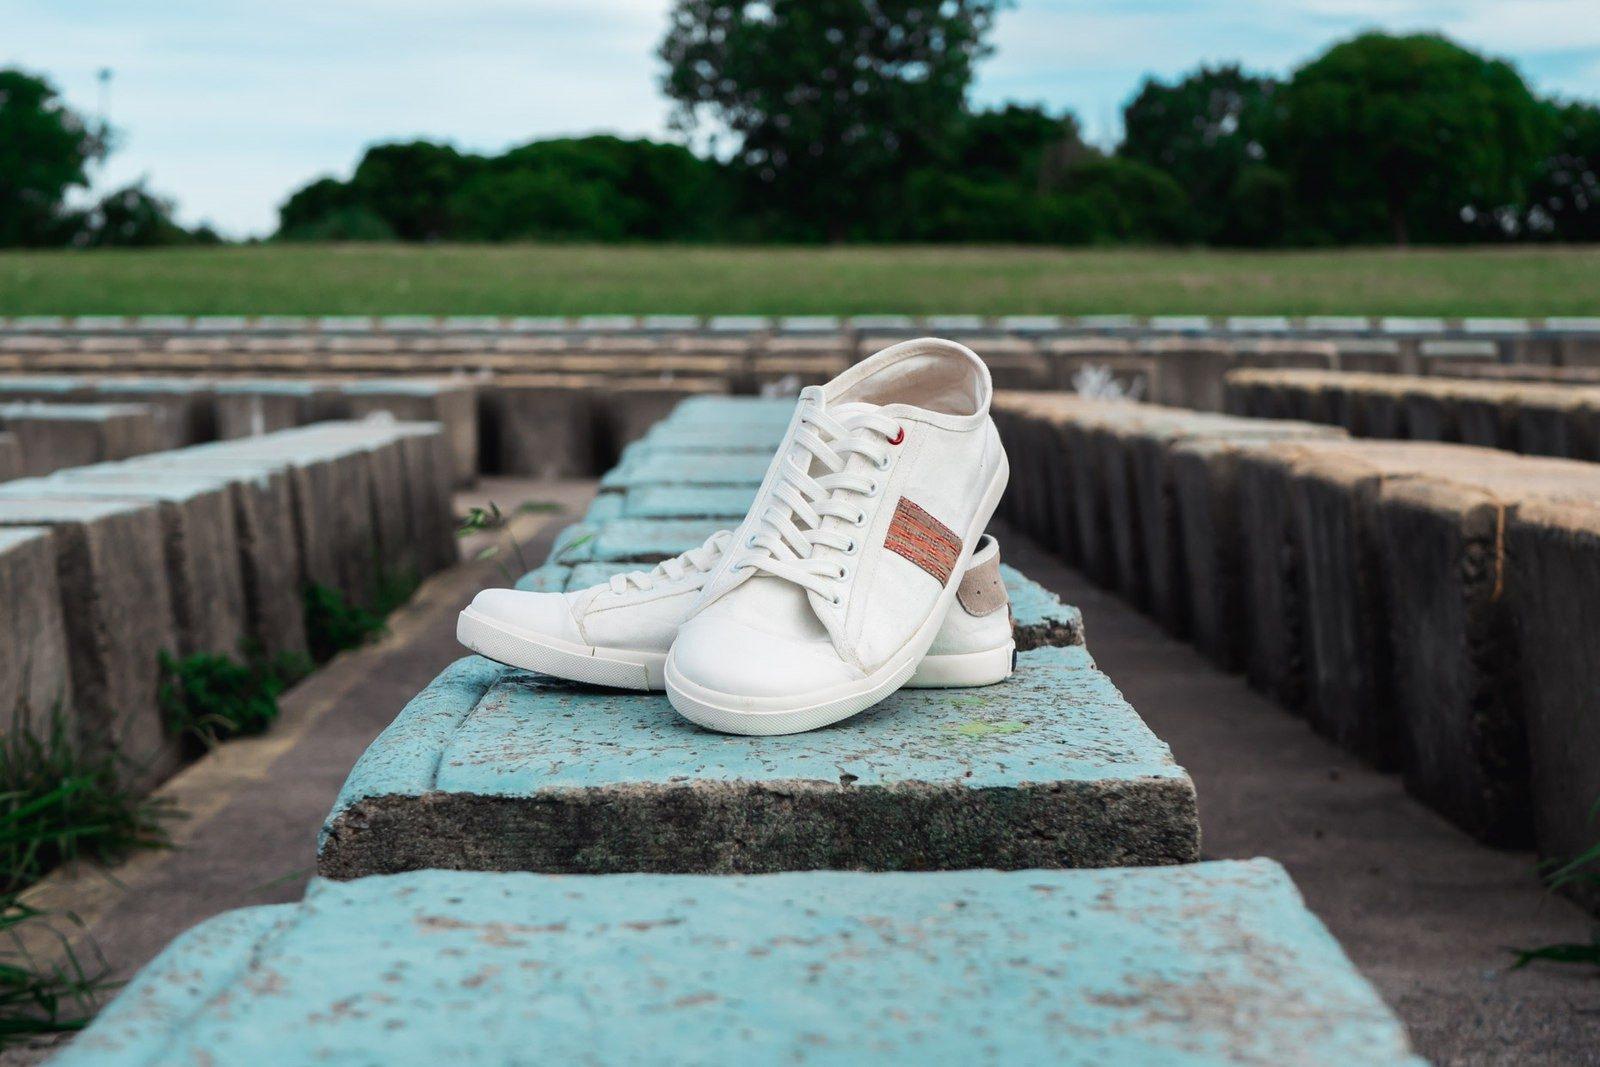 WiWi Shoes - Sneakers en coton biologique certifié GOTS et semelle en pneu recyclé - Modèle Loewy homme - Buenos Aires - full1 - pas portées